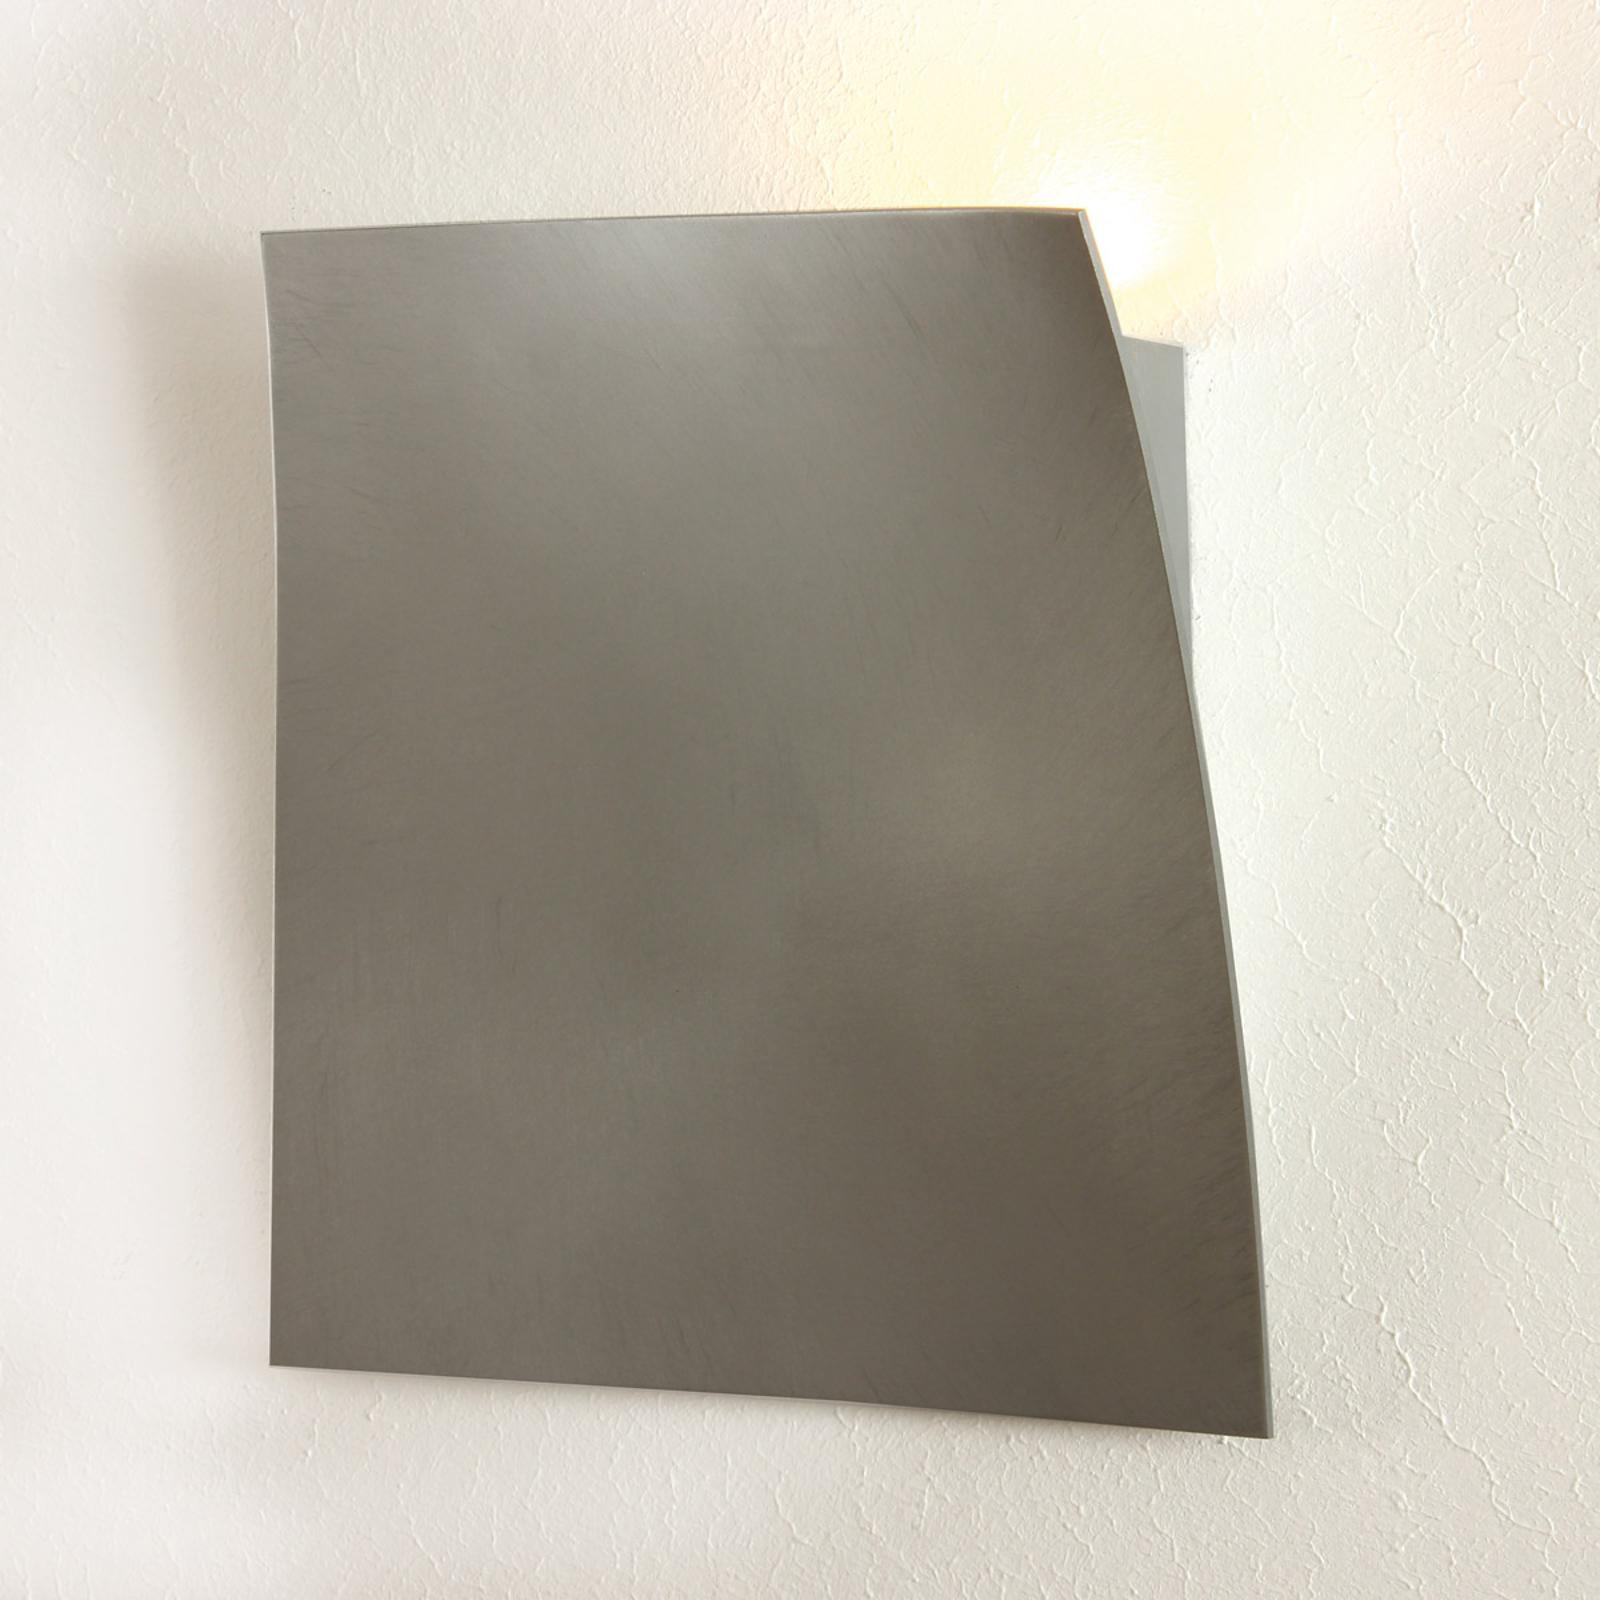 Geslepen aluminium wandlamp LED Gap